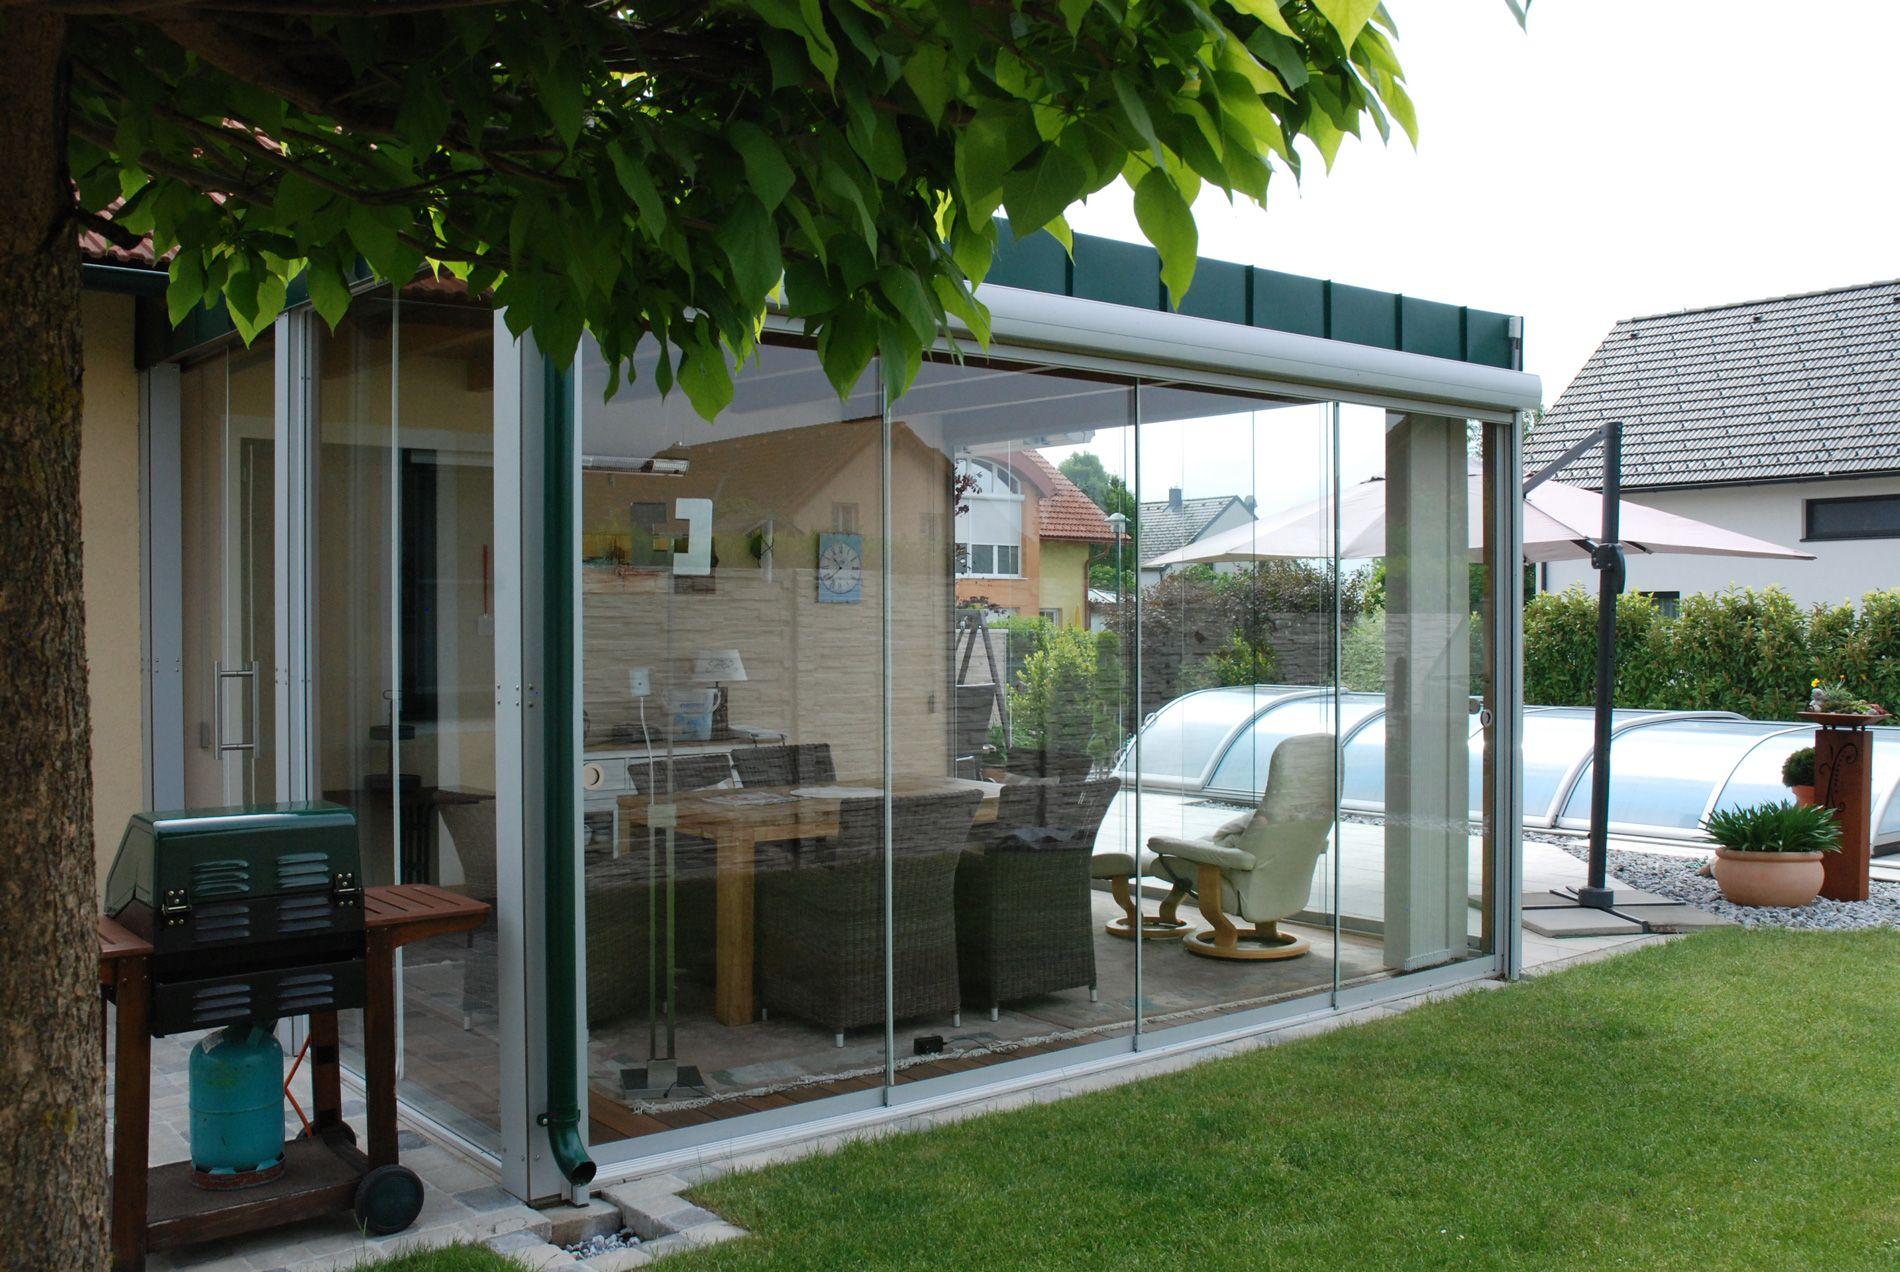 Wintergarten Anbau Windschutz Terrasse Glas Windschutz Terrasse